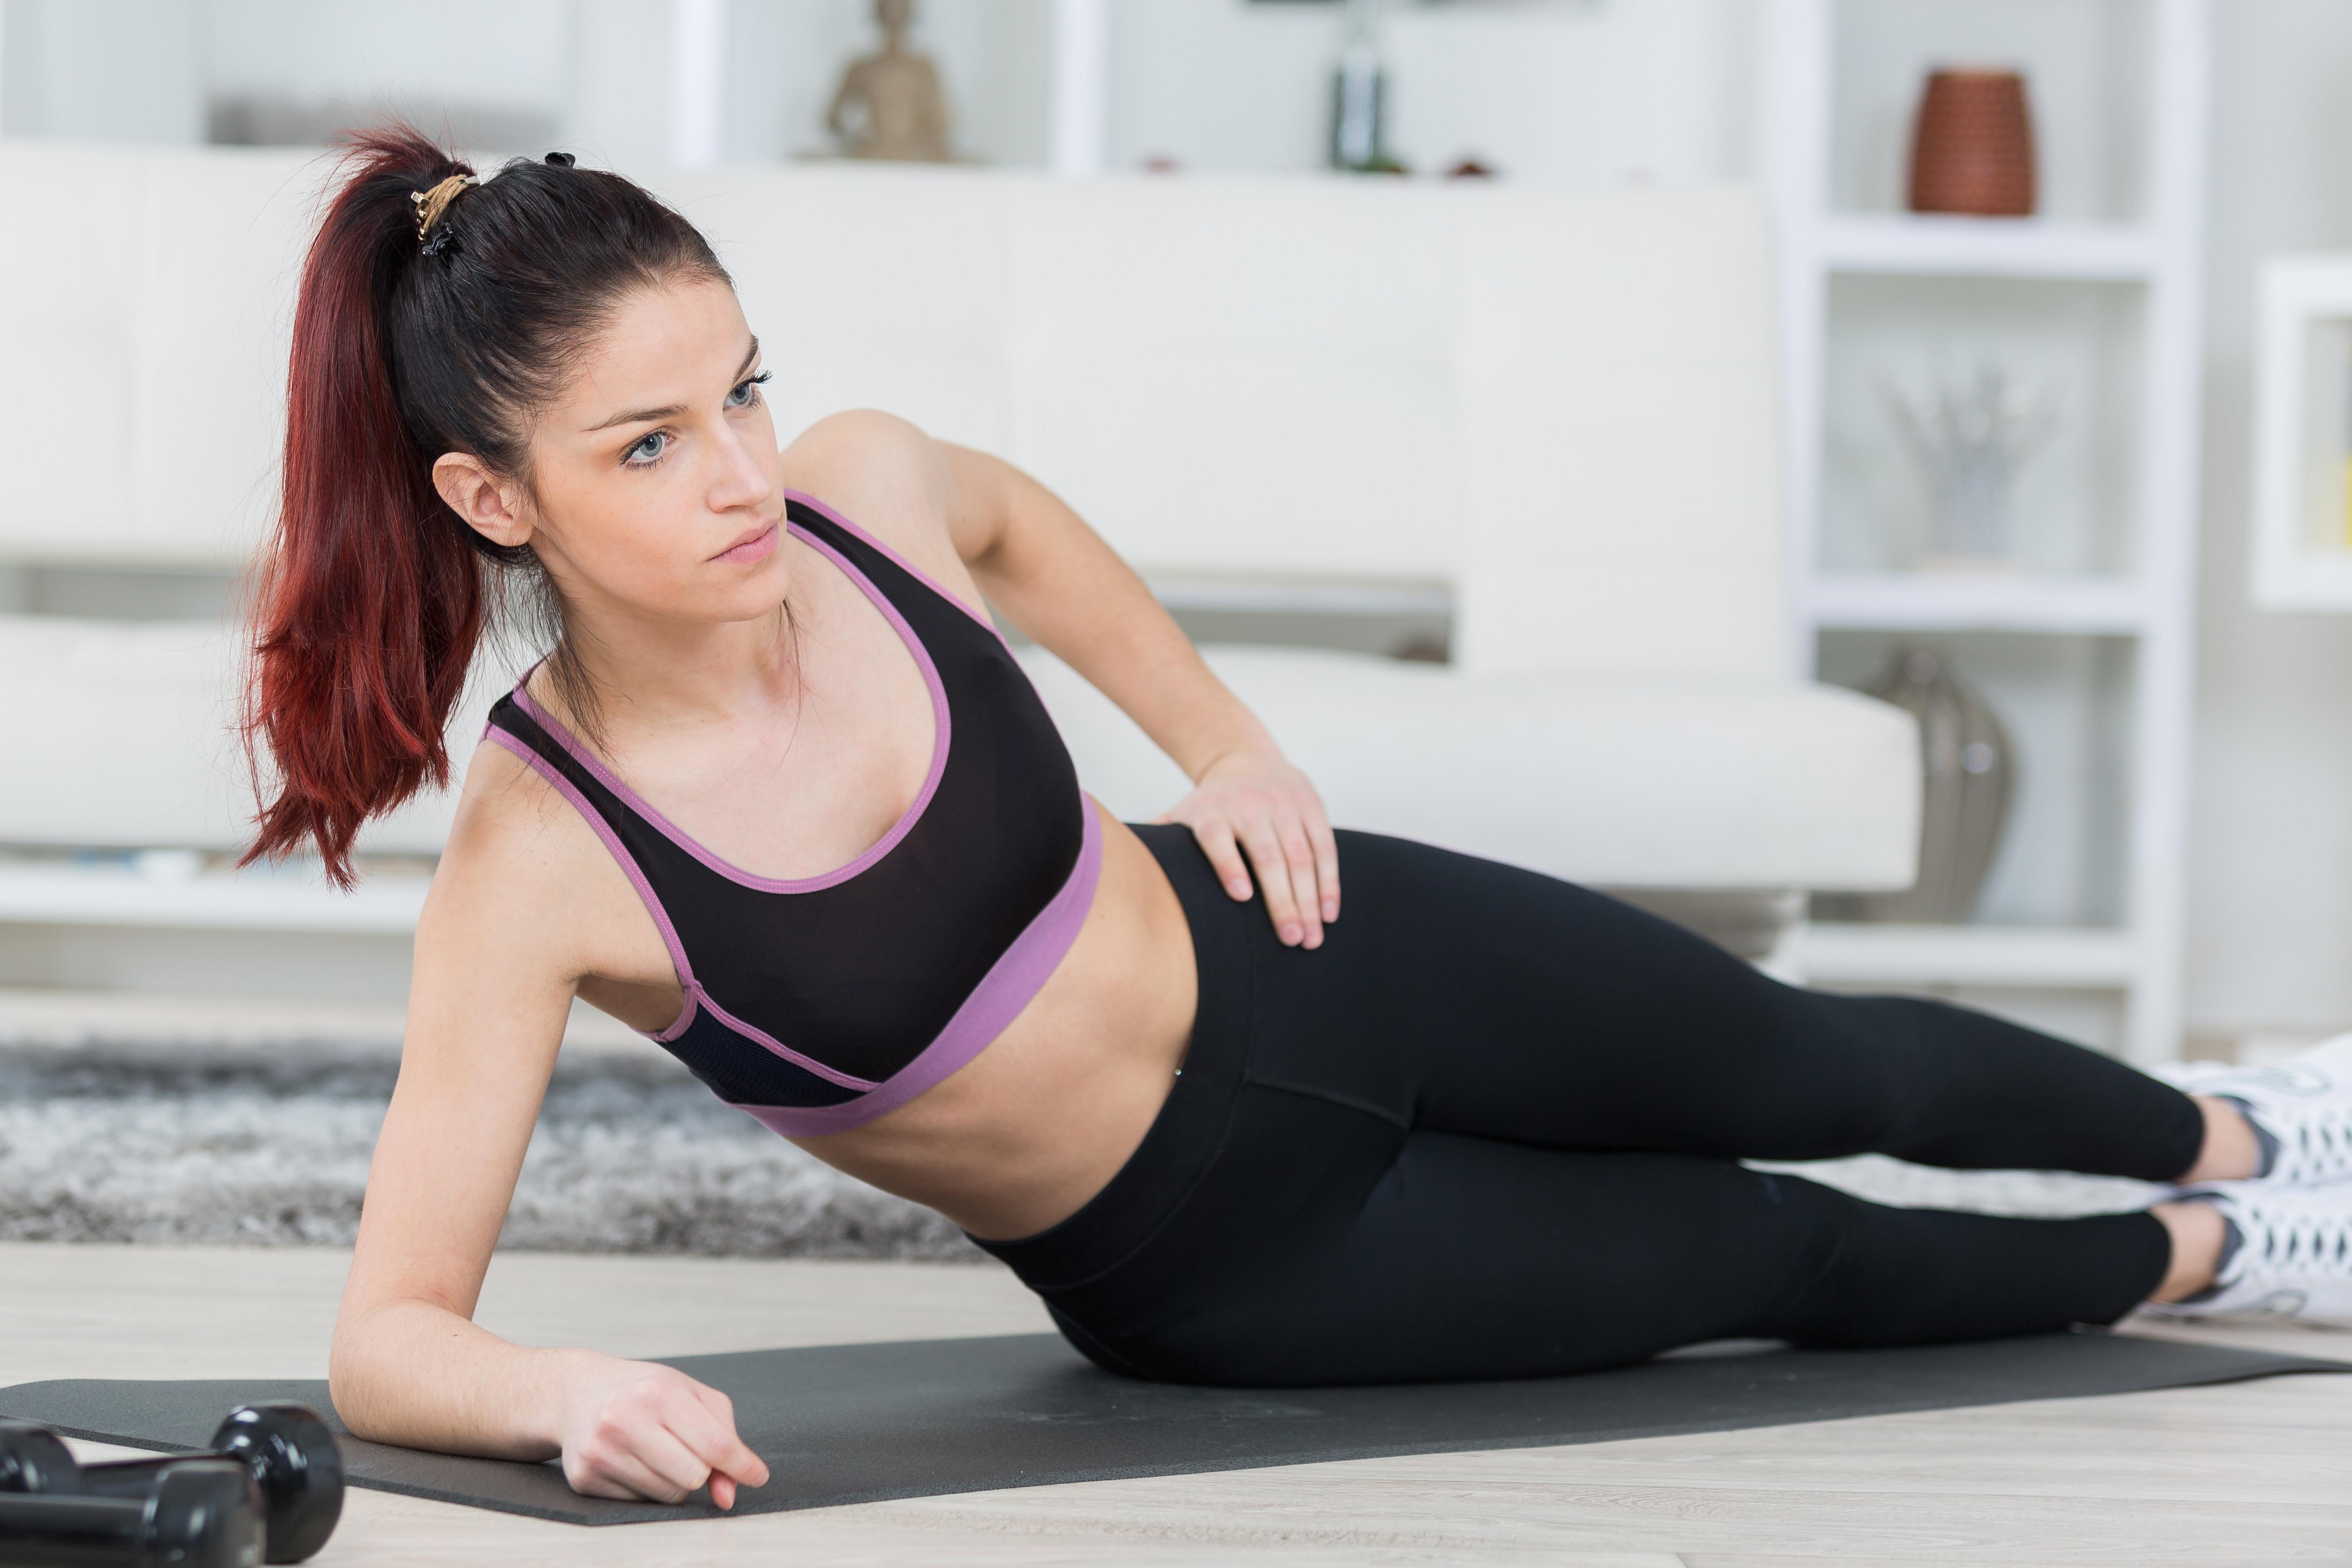 Muskelaufbau Zu Hause  Bauch Weg Tipps bauch weg tipps wie k nnen sie ihre